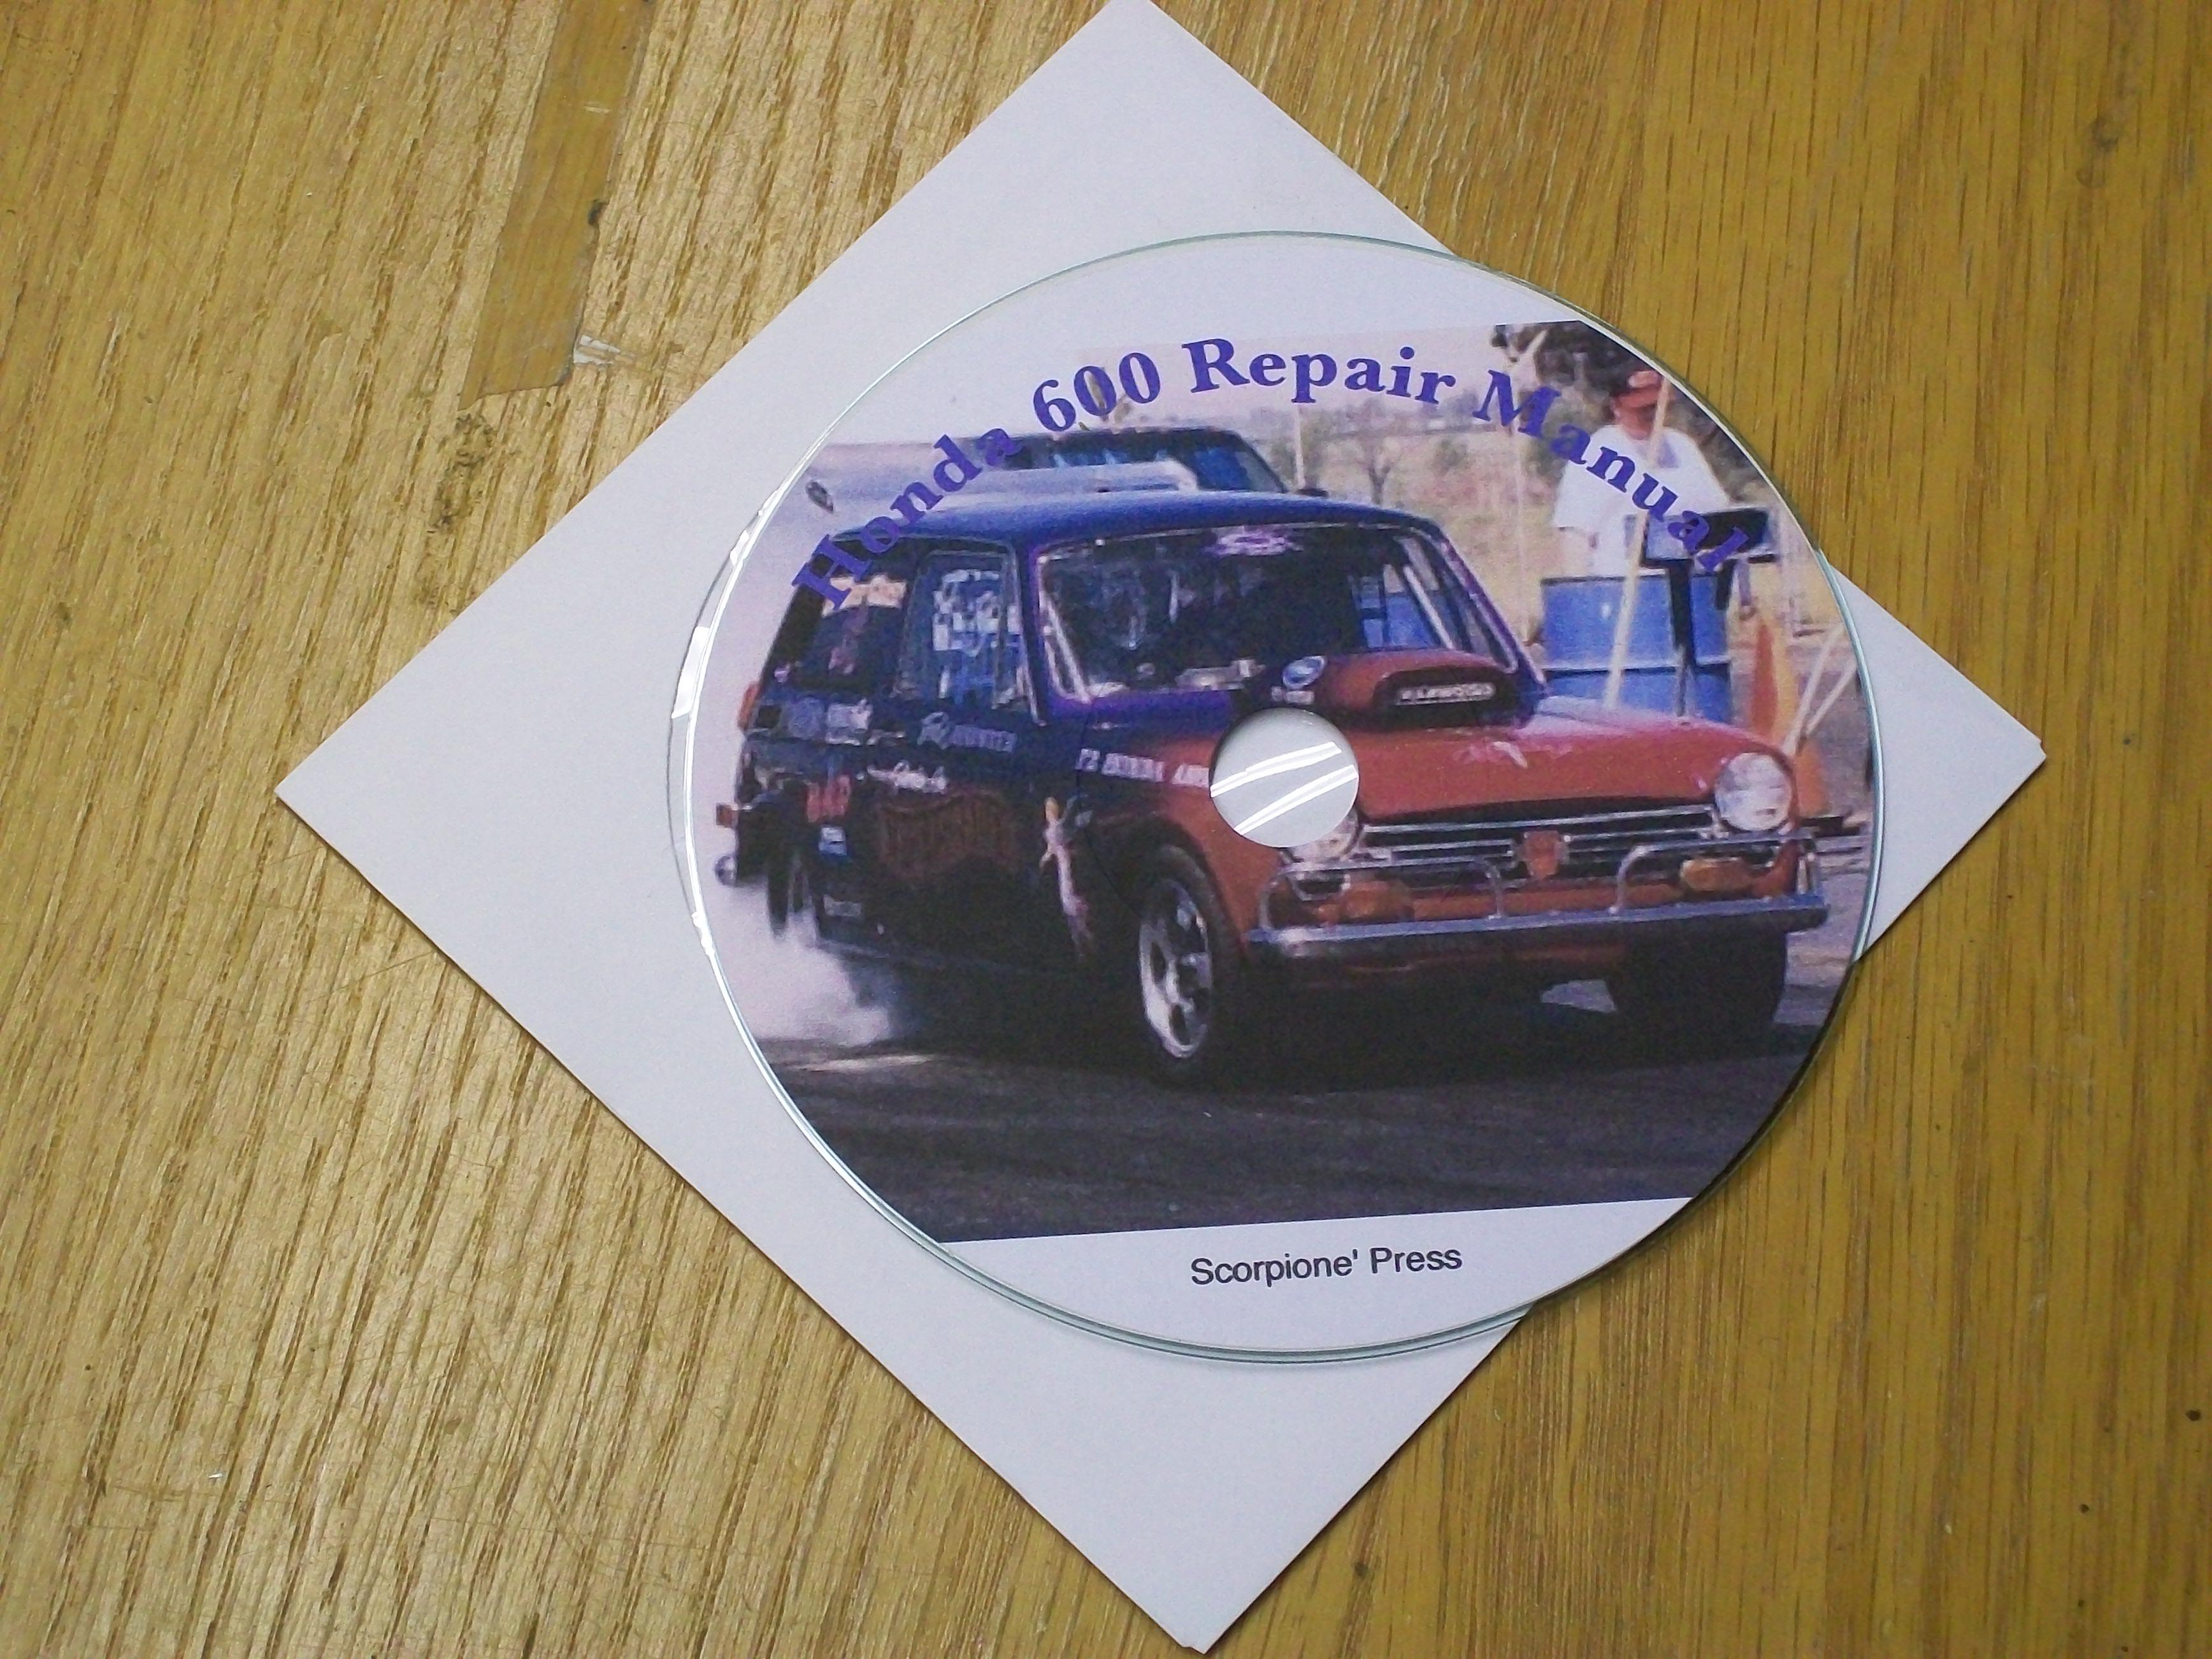 Repair Manual Honda N600 Sedan Z600 Coupe Car Parts AN600 AZ600Honda 600 Car Parts